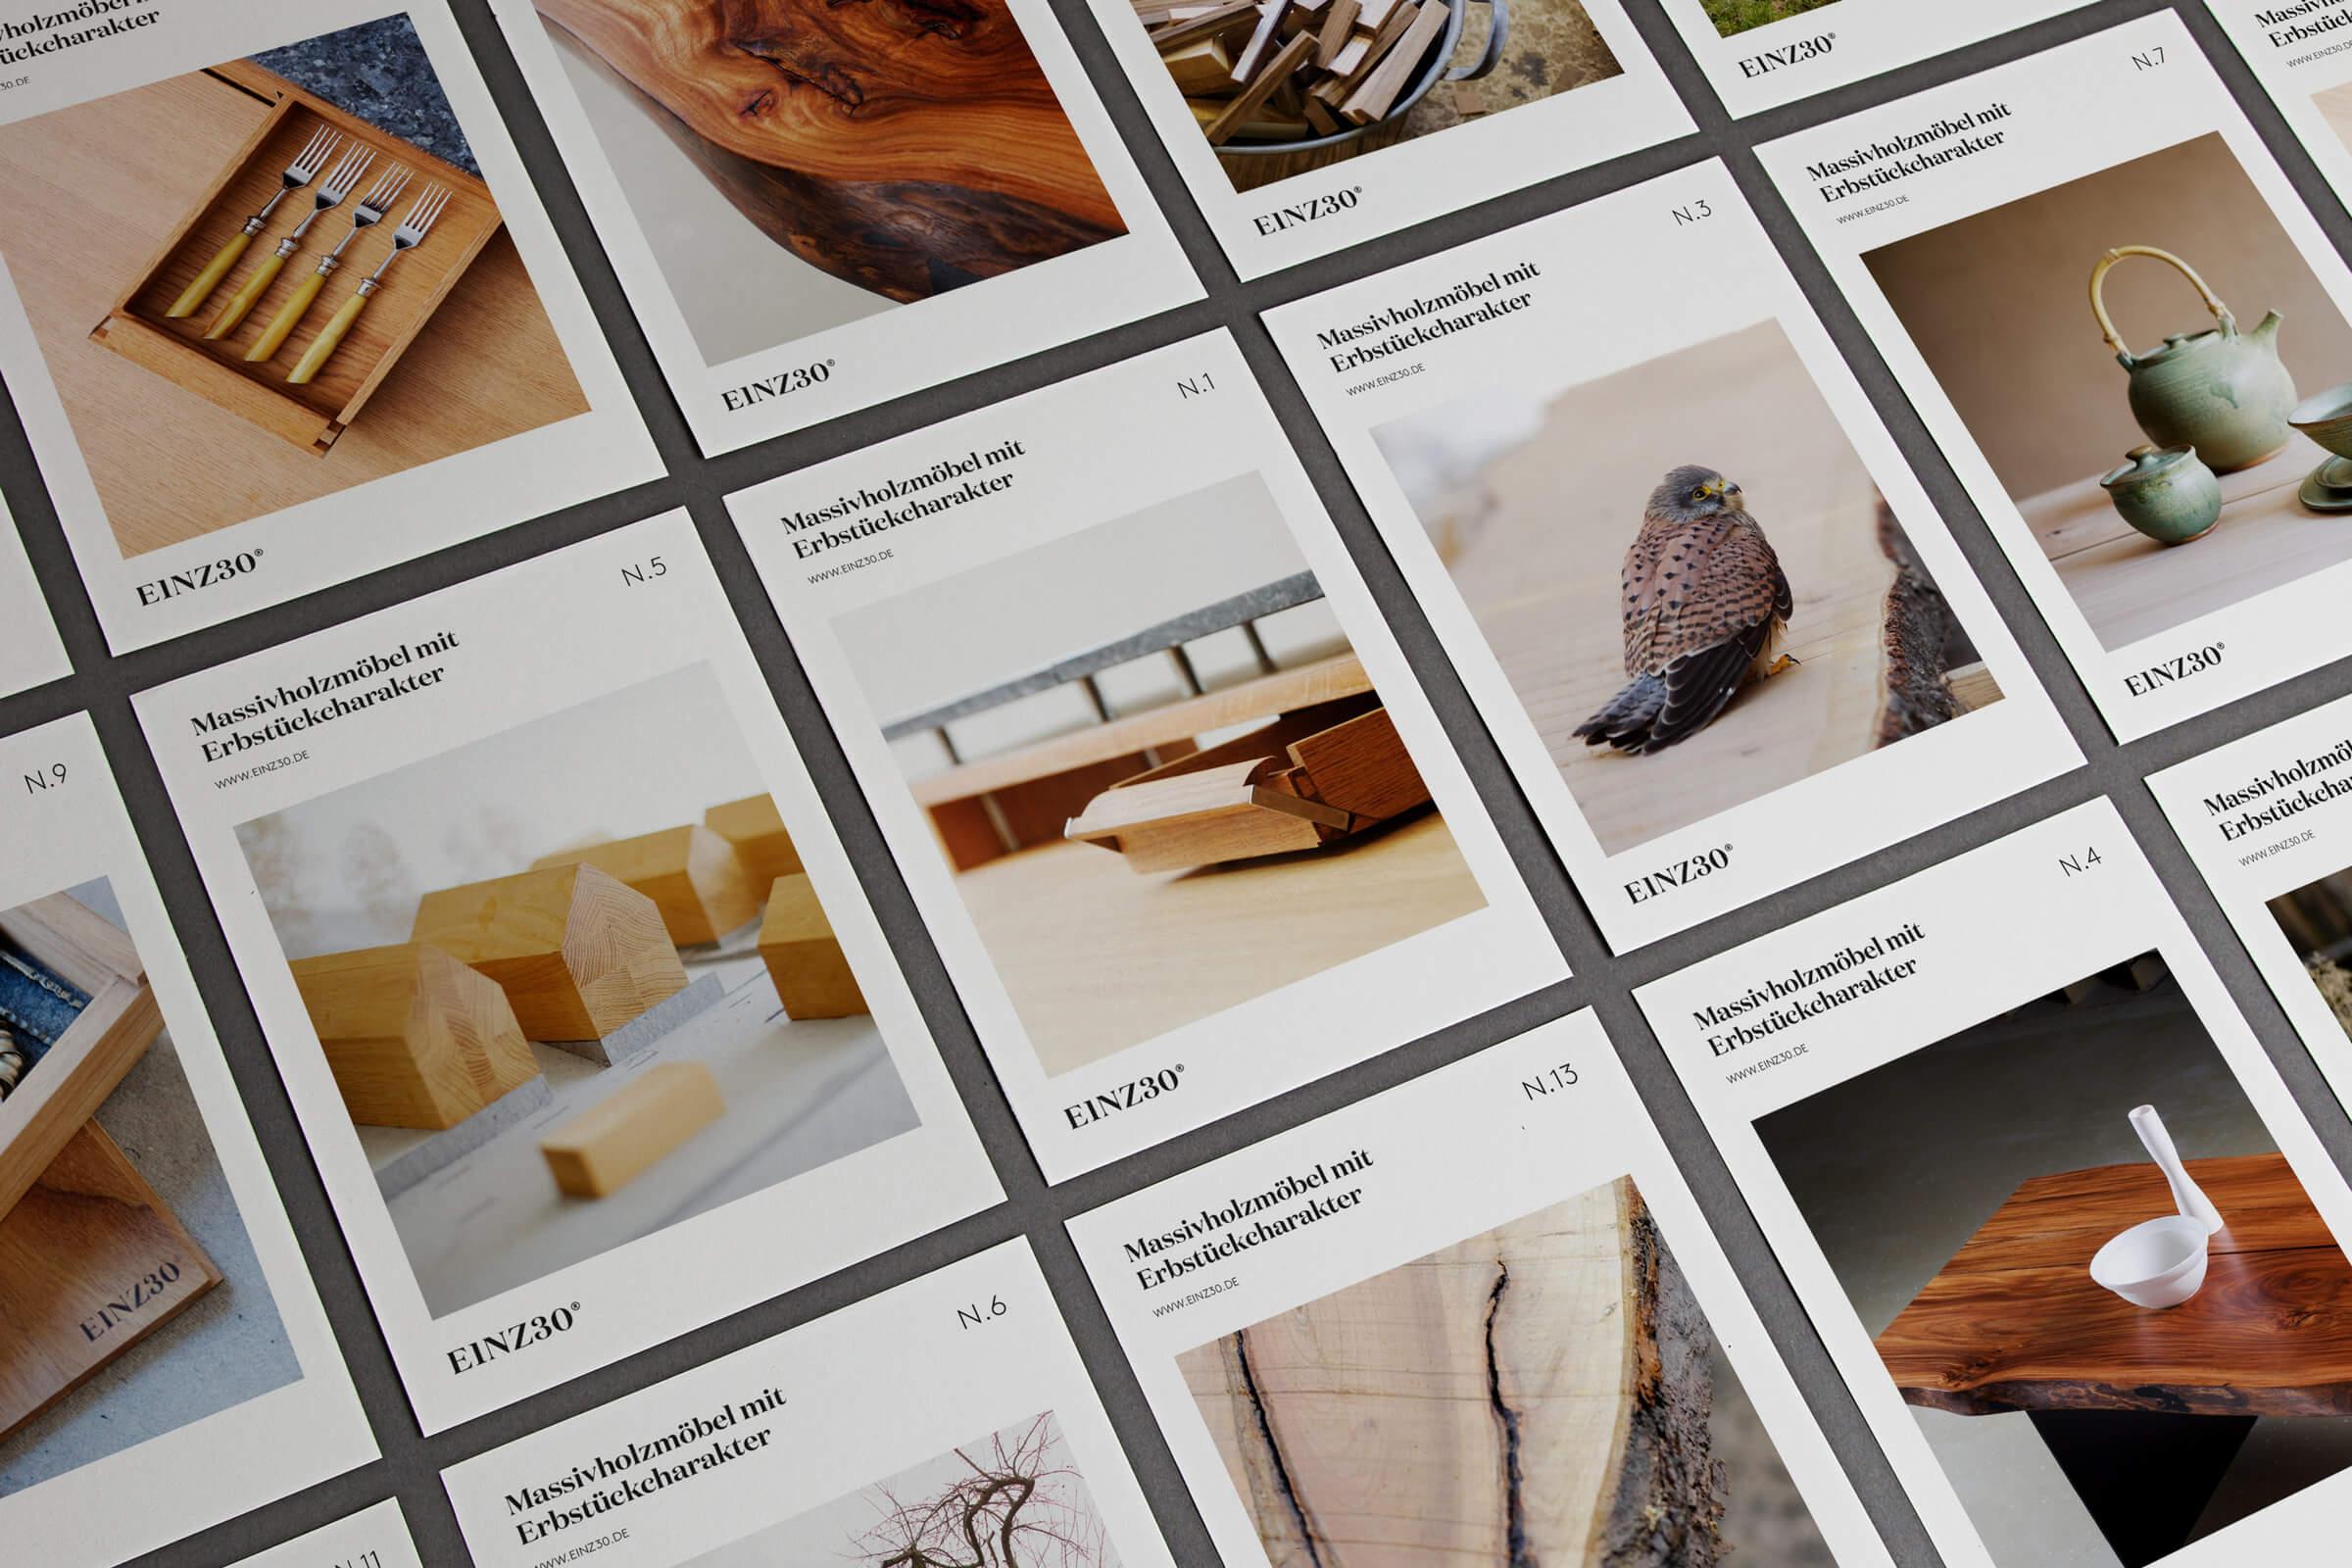 dreizehnundfuenf_design_studio_einz30_14